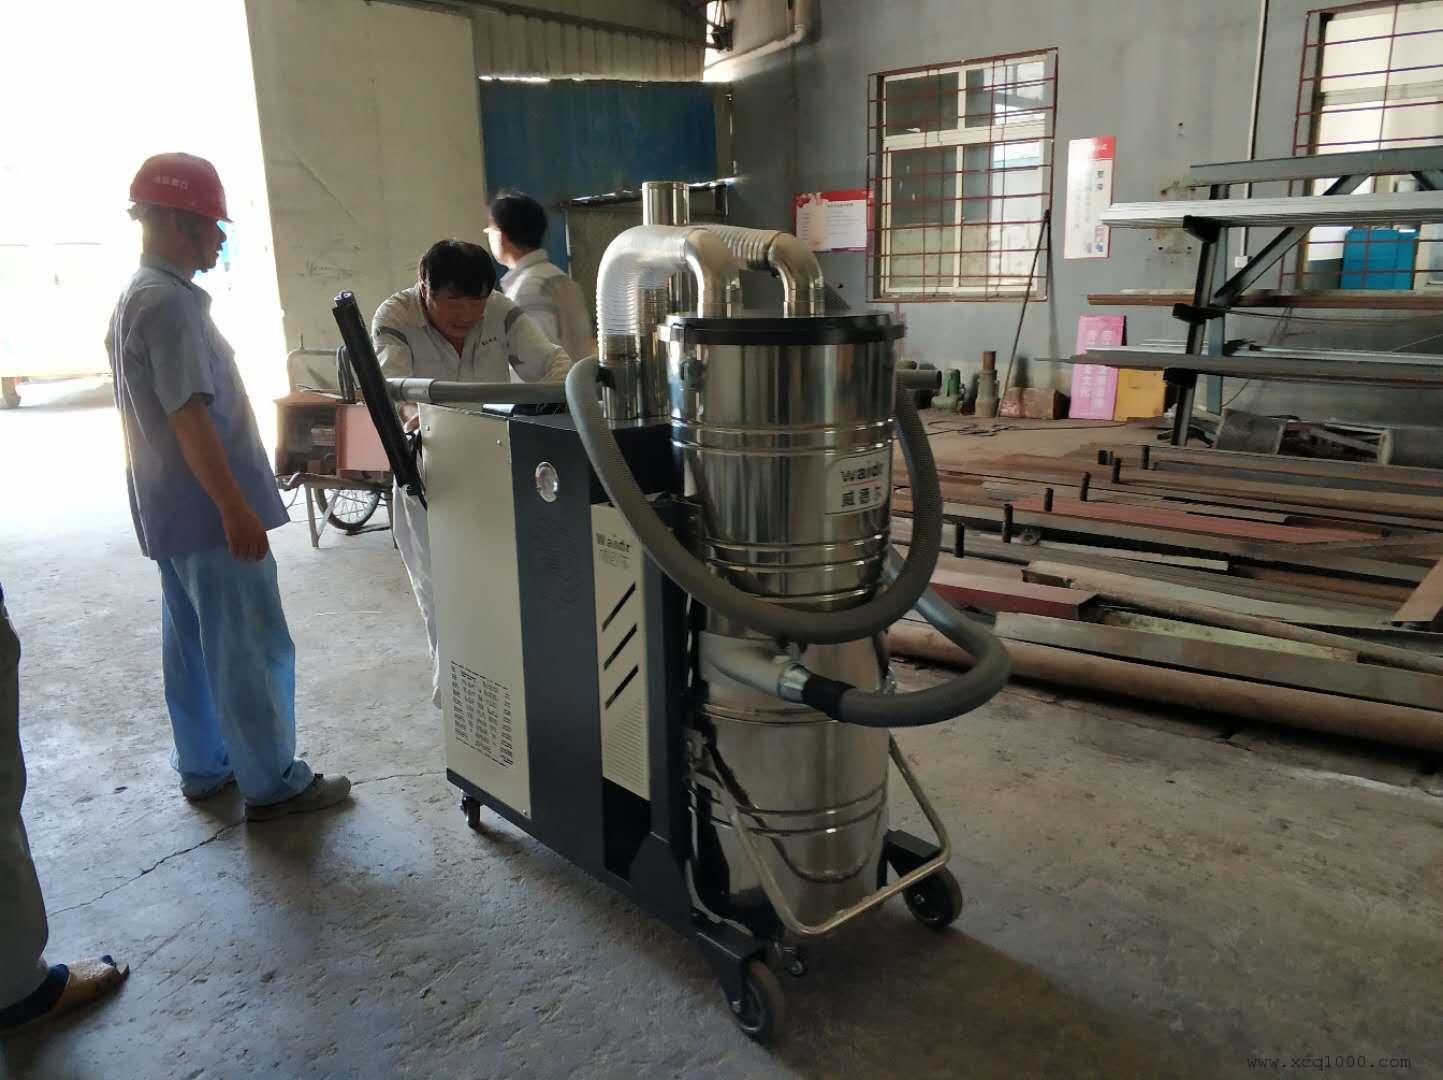 工业用布袋吸尘器车间工厂吸灰尘强力吸尘机